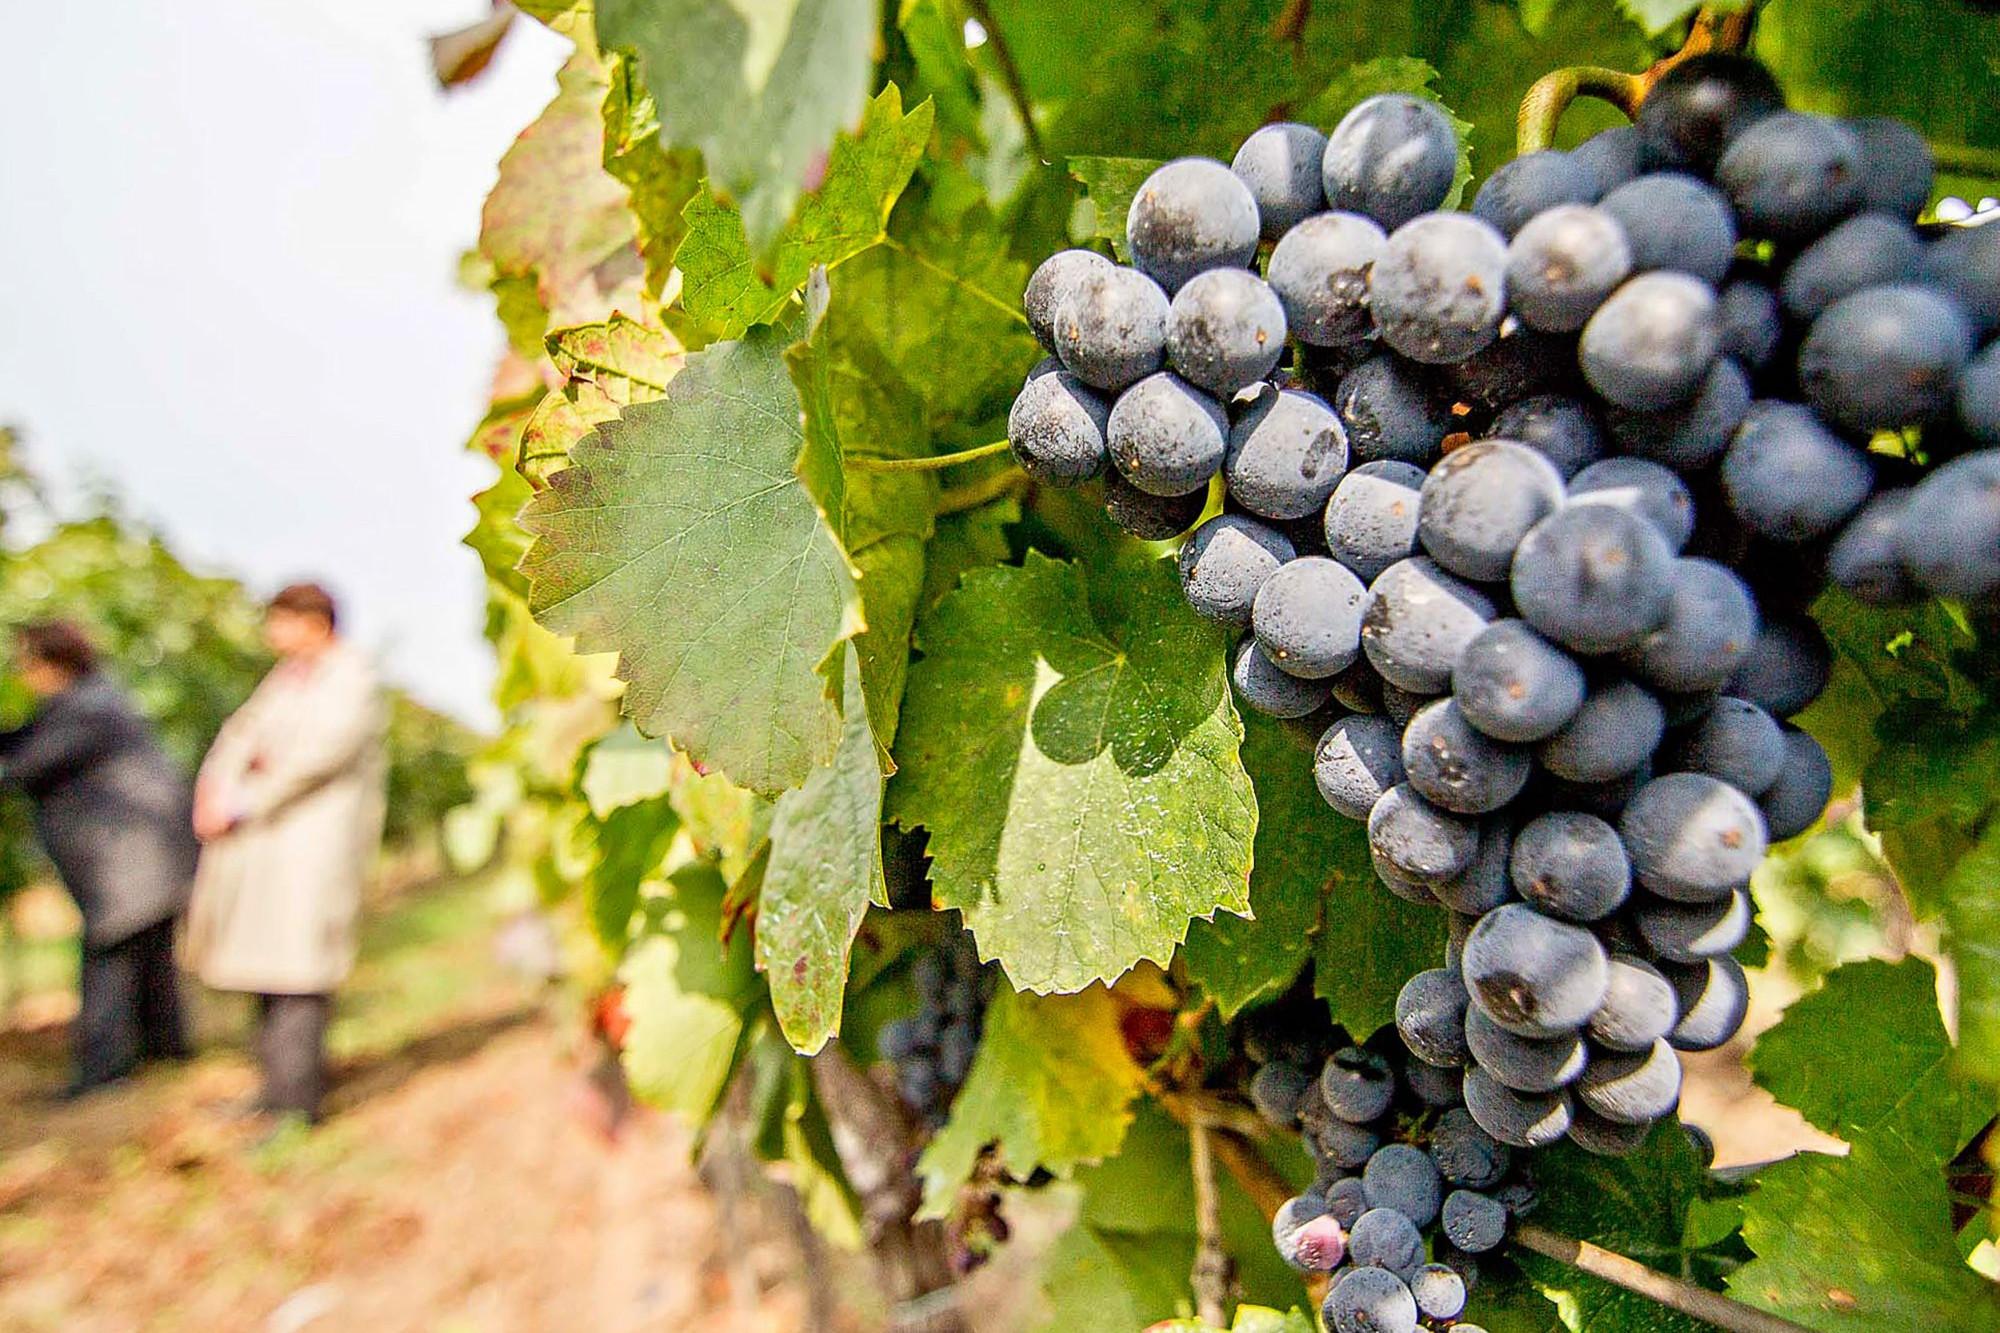 szőlő lehetőségek szakemberek számára)